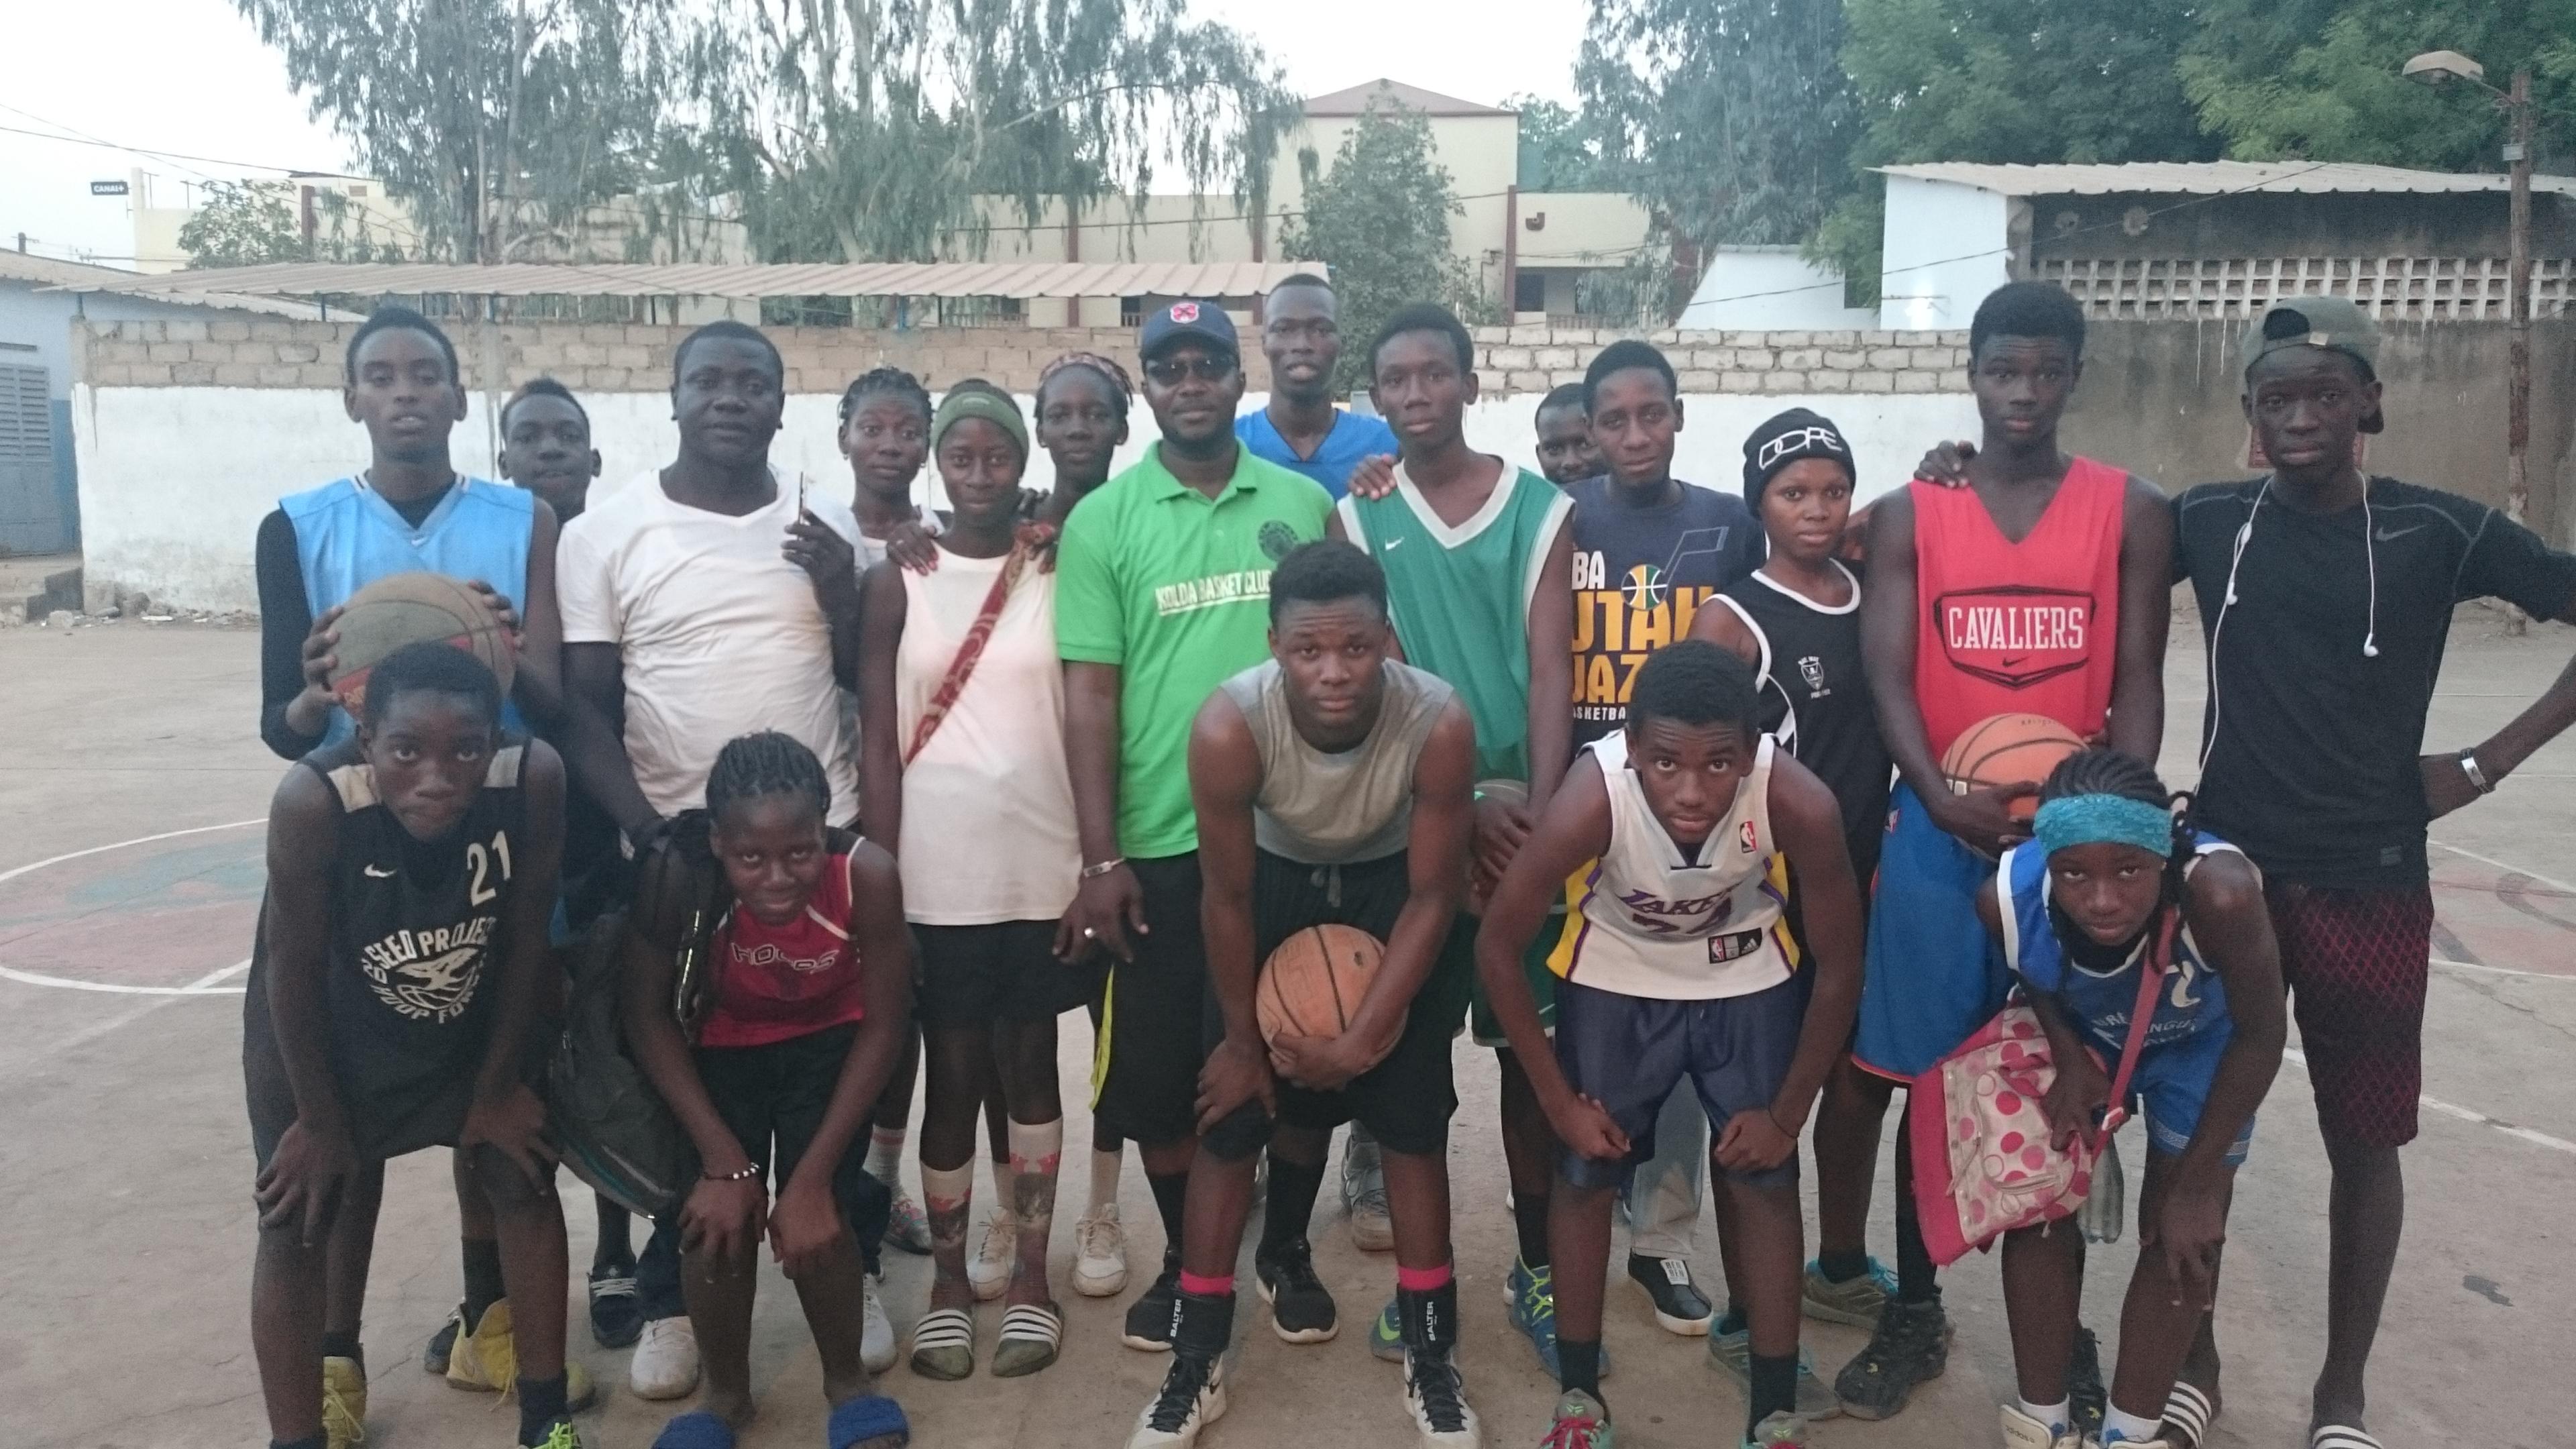 Kolda : Les basketteurs égrènent leurs ambitions et doléances pour booster leur discipline